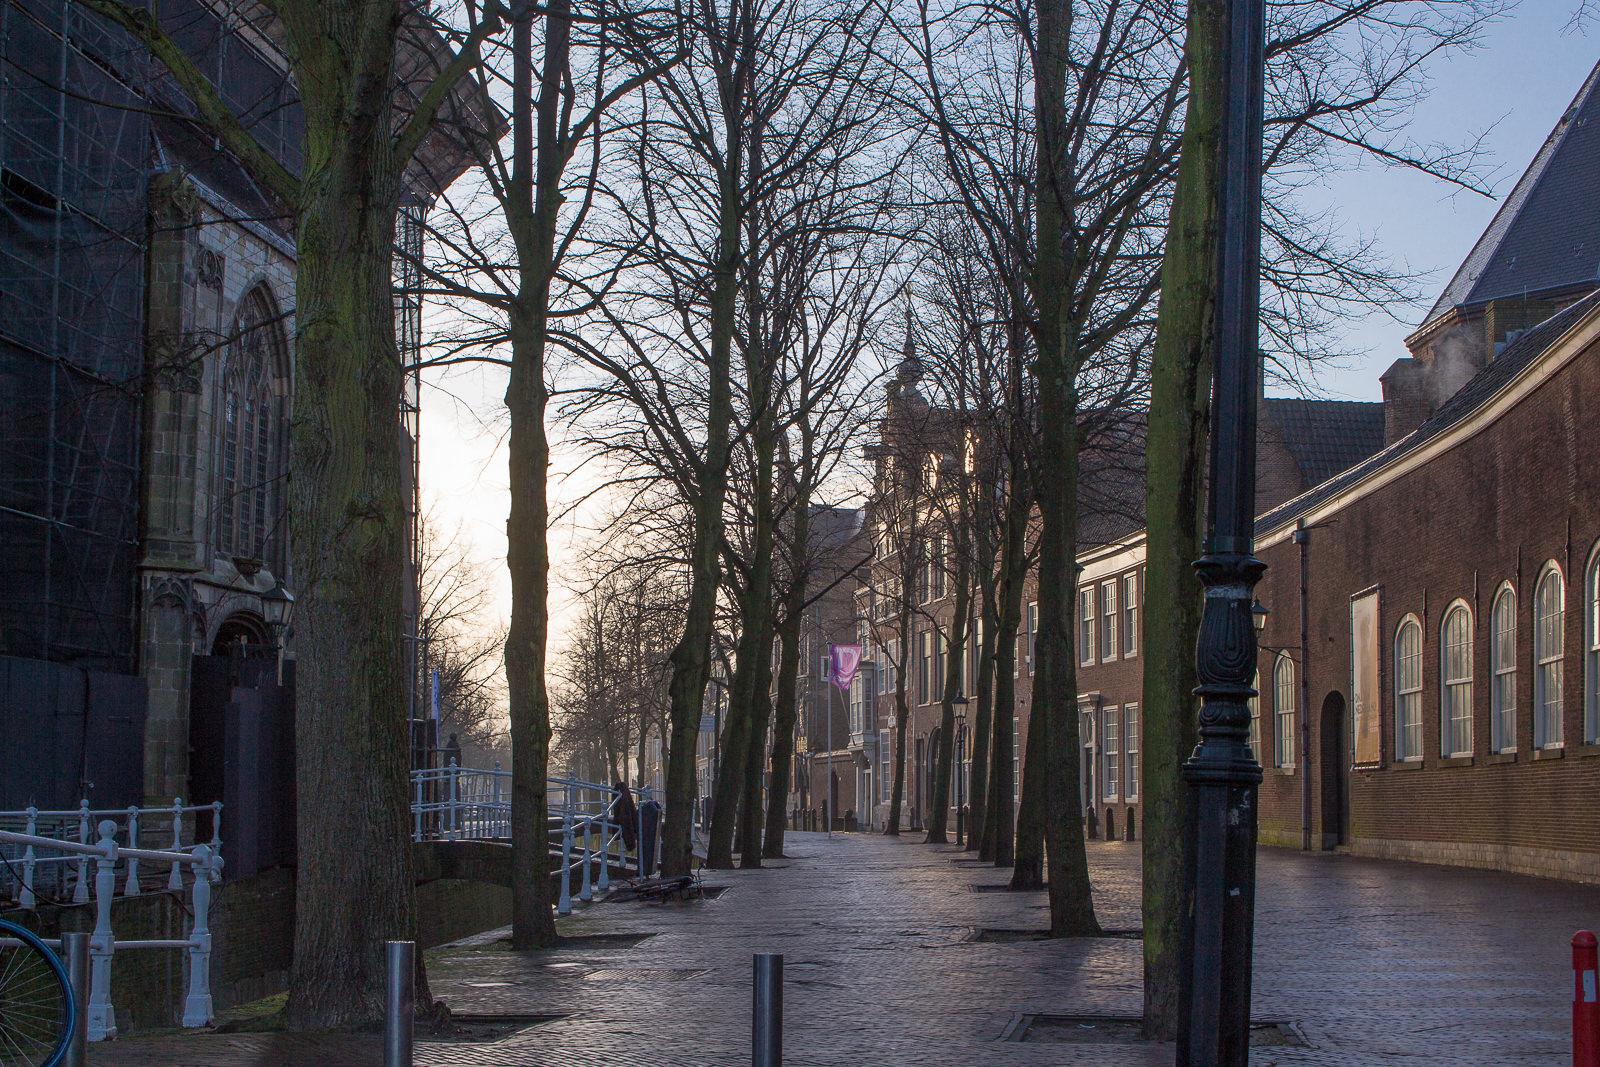 delft, südholland, holland, niederlande, städtetrip, sightseeing, kirche